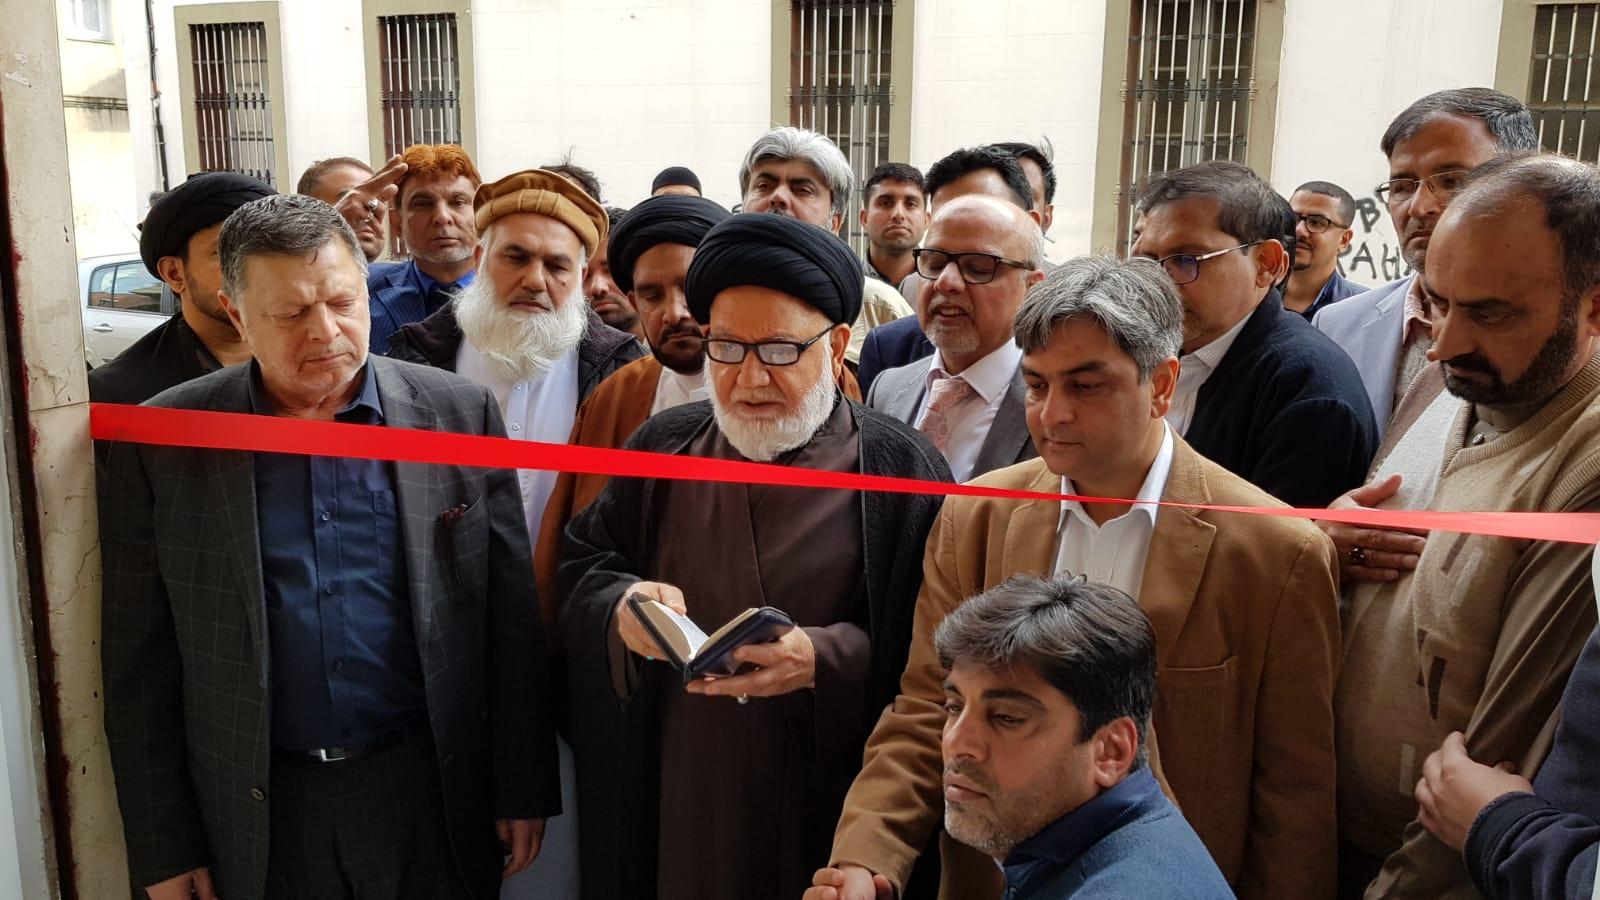 افتتاح مرکر اسلامی فاطمیه در بارسلون